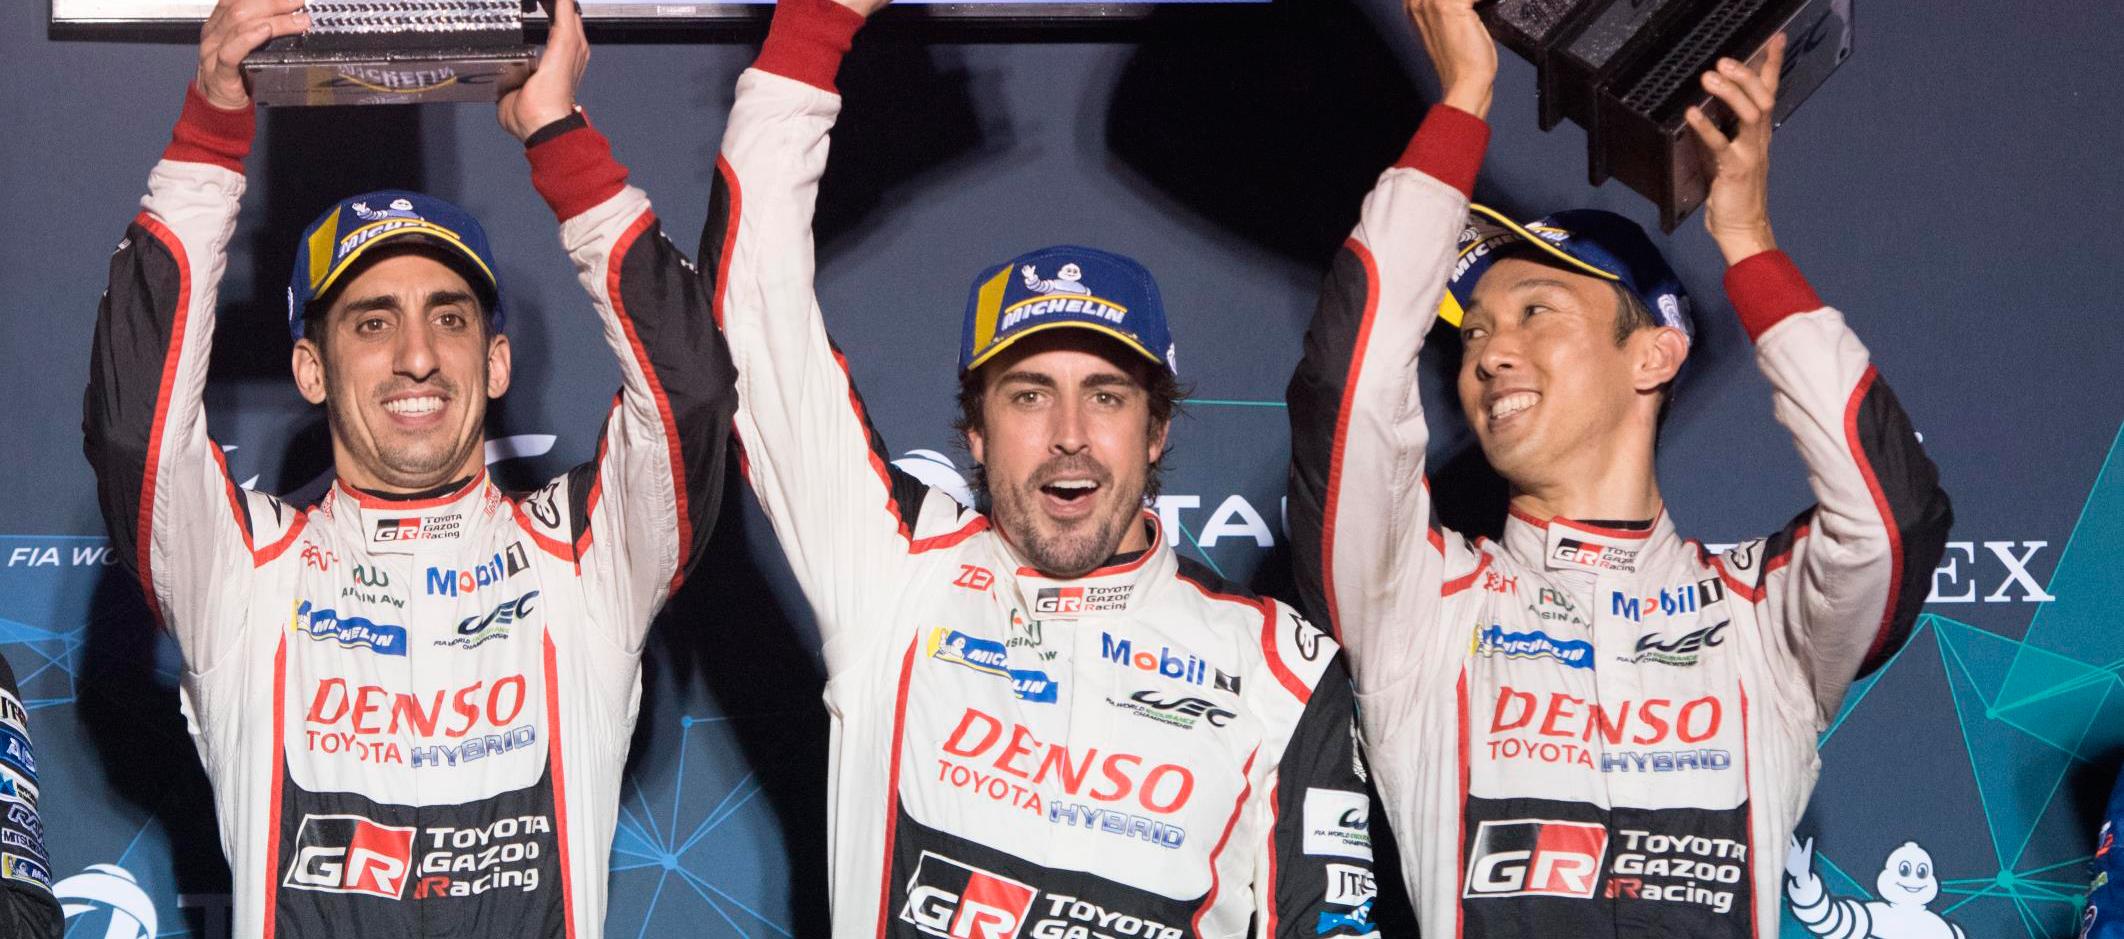 Triunfo del Toyota 8 en las 1.000 millas de Sebring con Fernando Alonso como prota